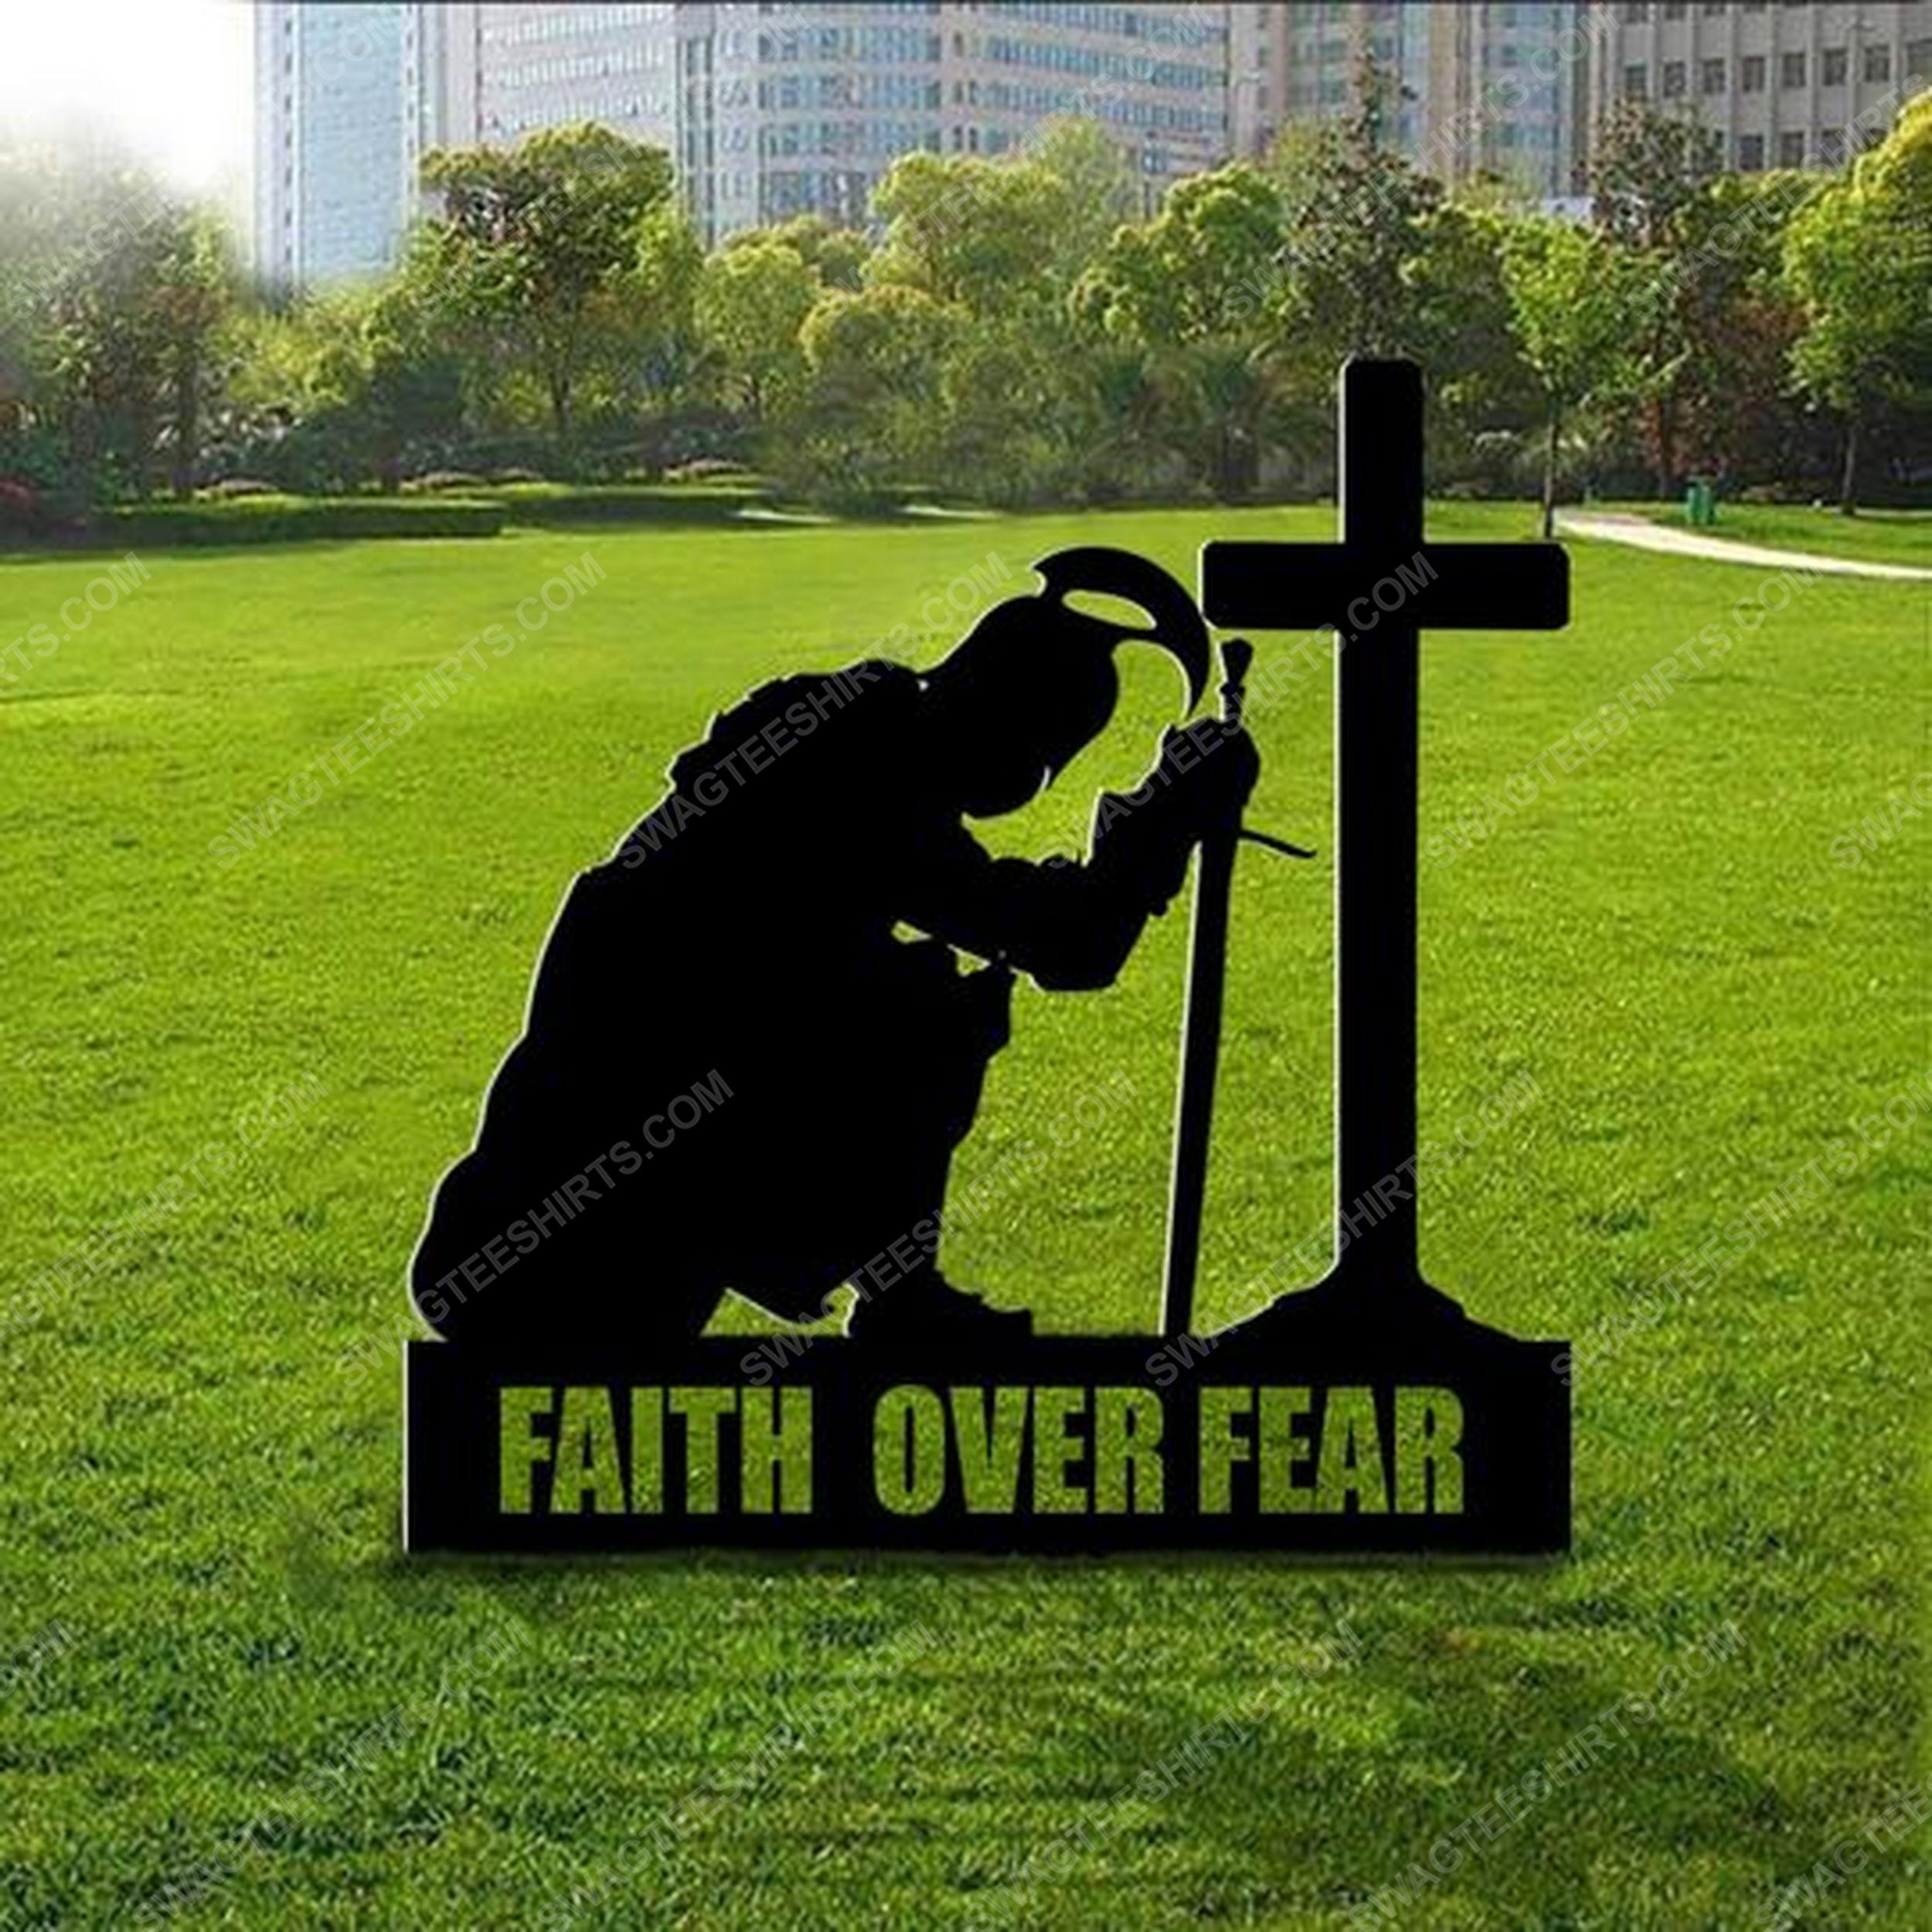 Patriotic christian spartan kneeling cross faith over fear yard sign 2(1)